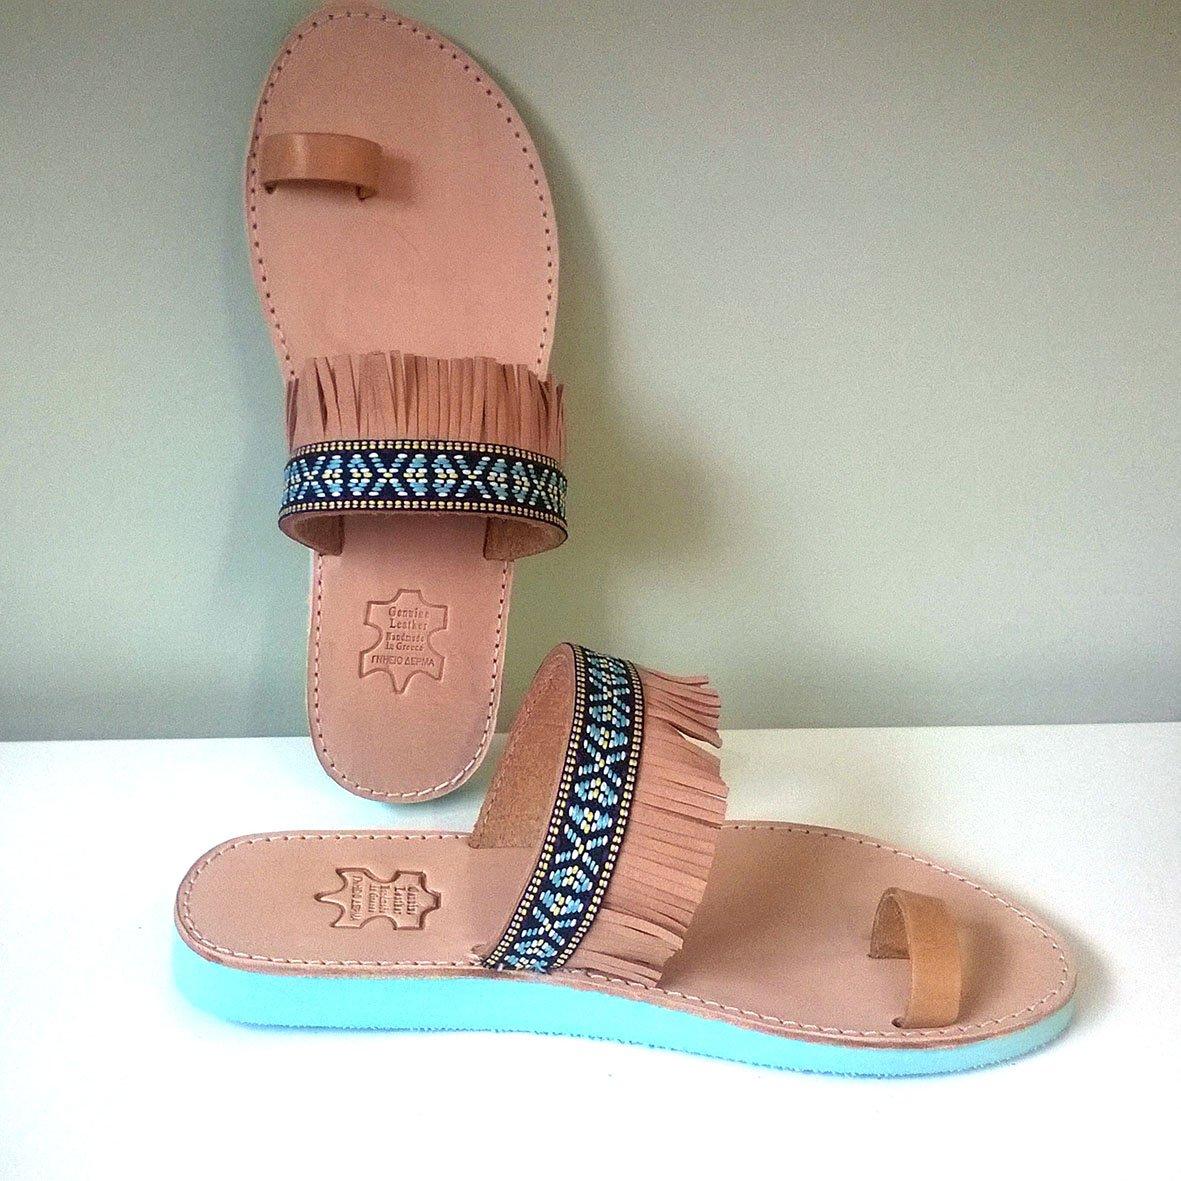 mybling_sandals